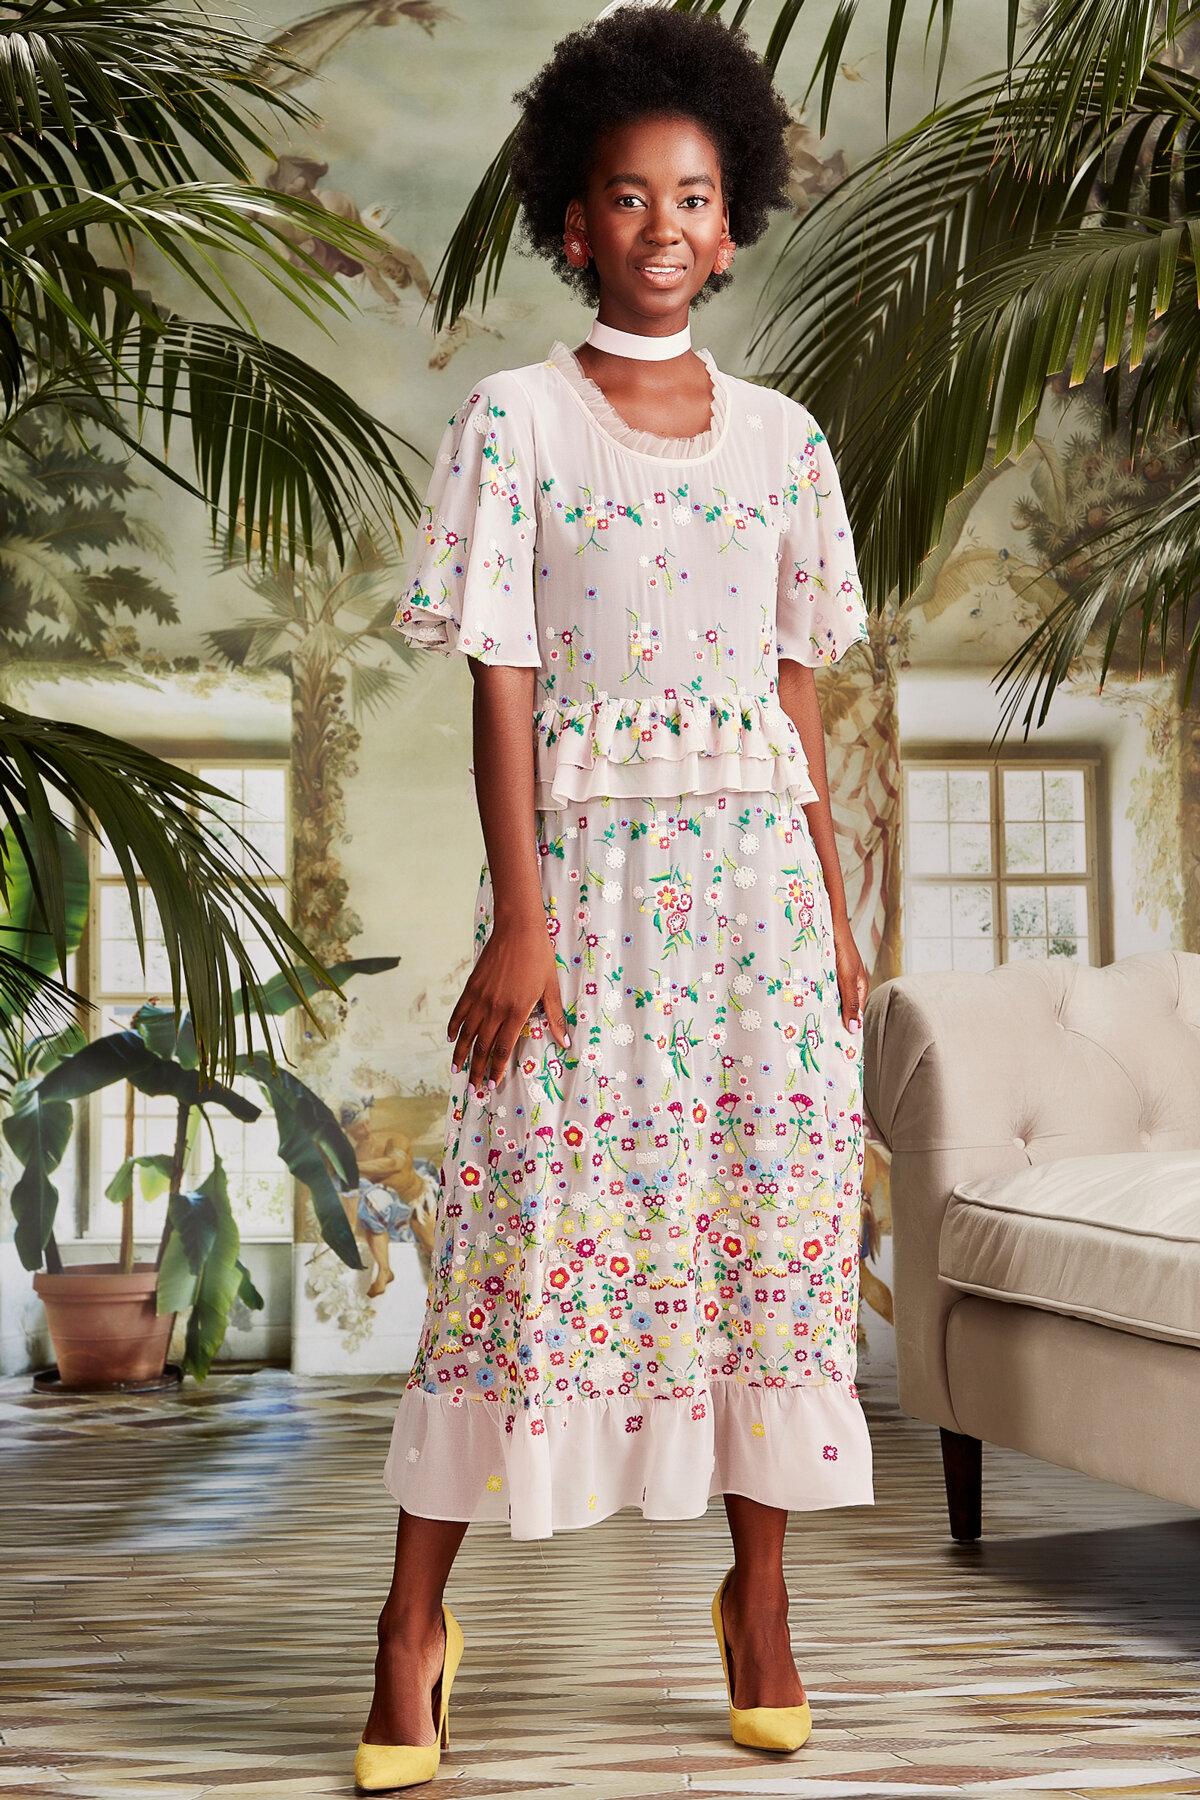 Trelise Cooper Wherever You Go Dress - Brand-Trelise Cooper